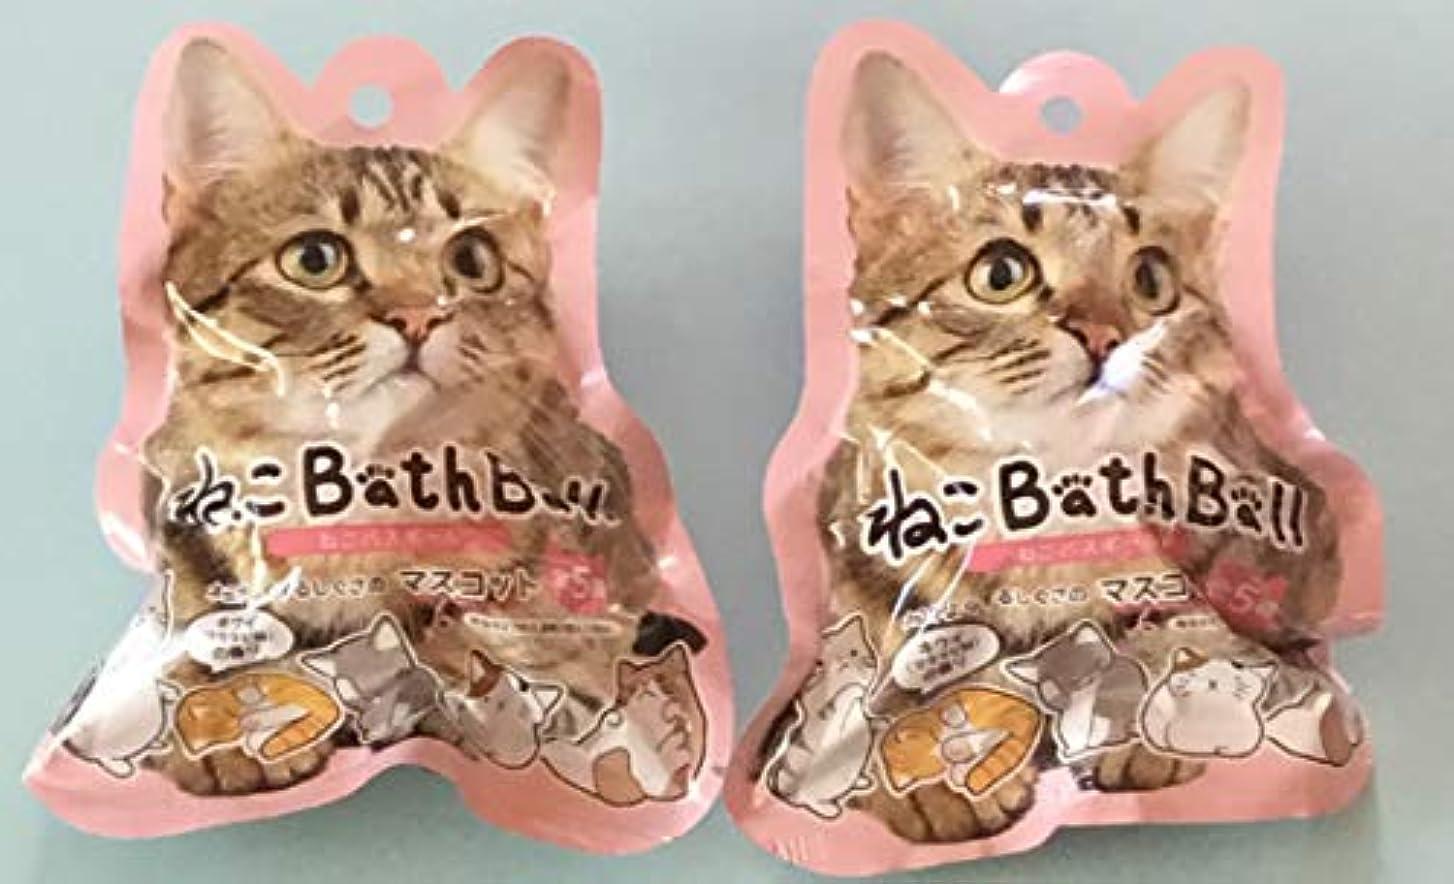 スラック現代識別する入浴剤 猫 ねこ ネコ フィギュア入り バスボール 2個セット キウイ 発泡タイプ